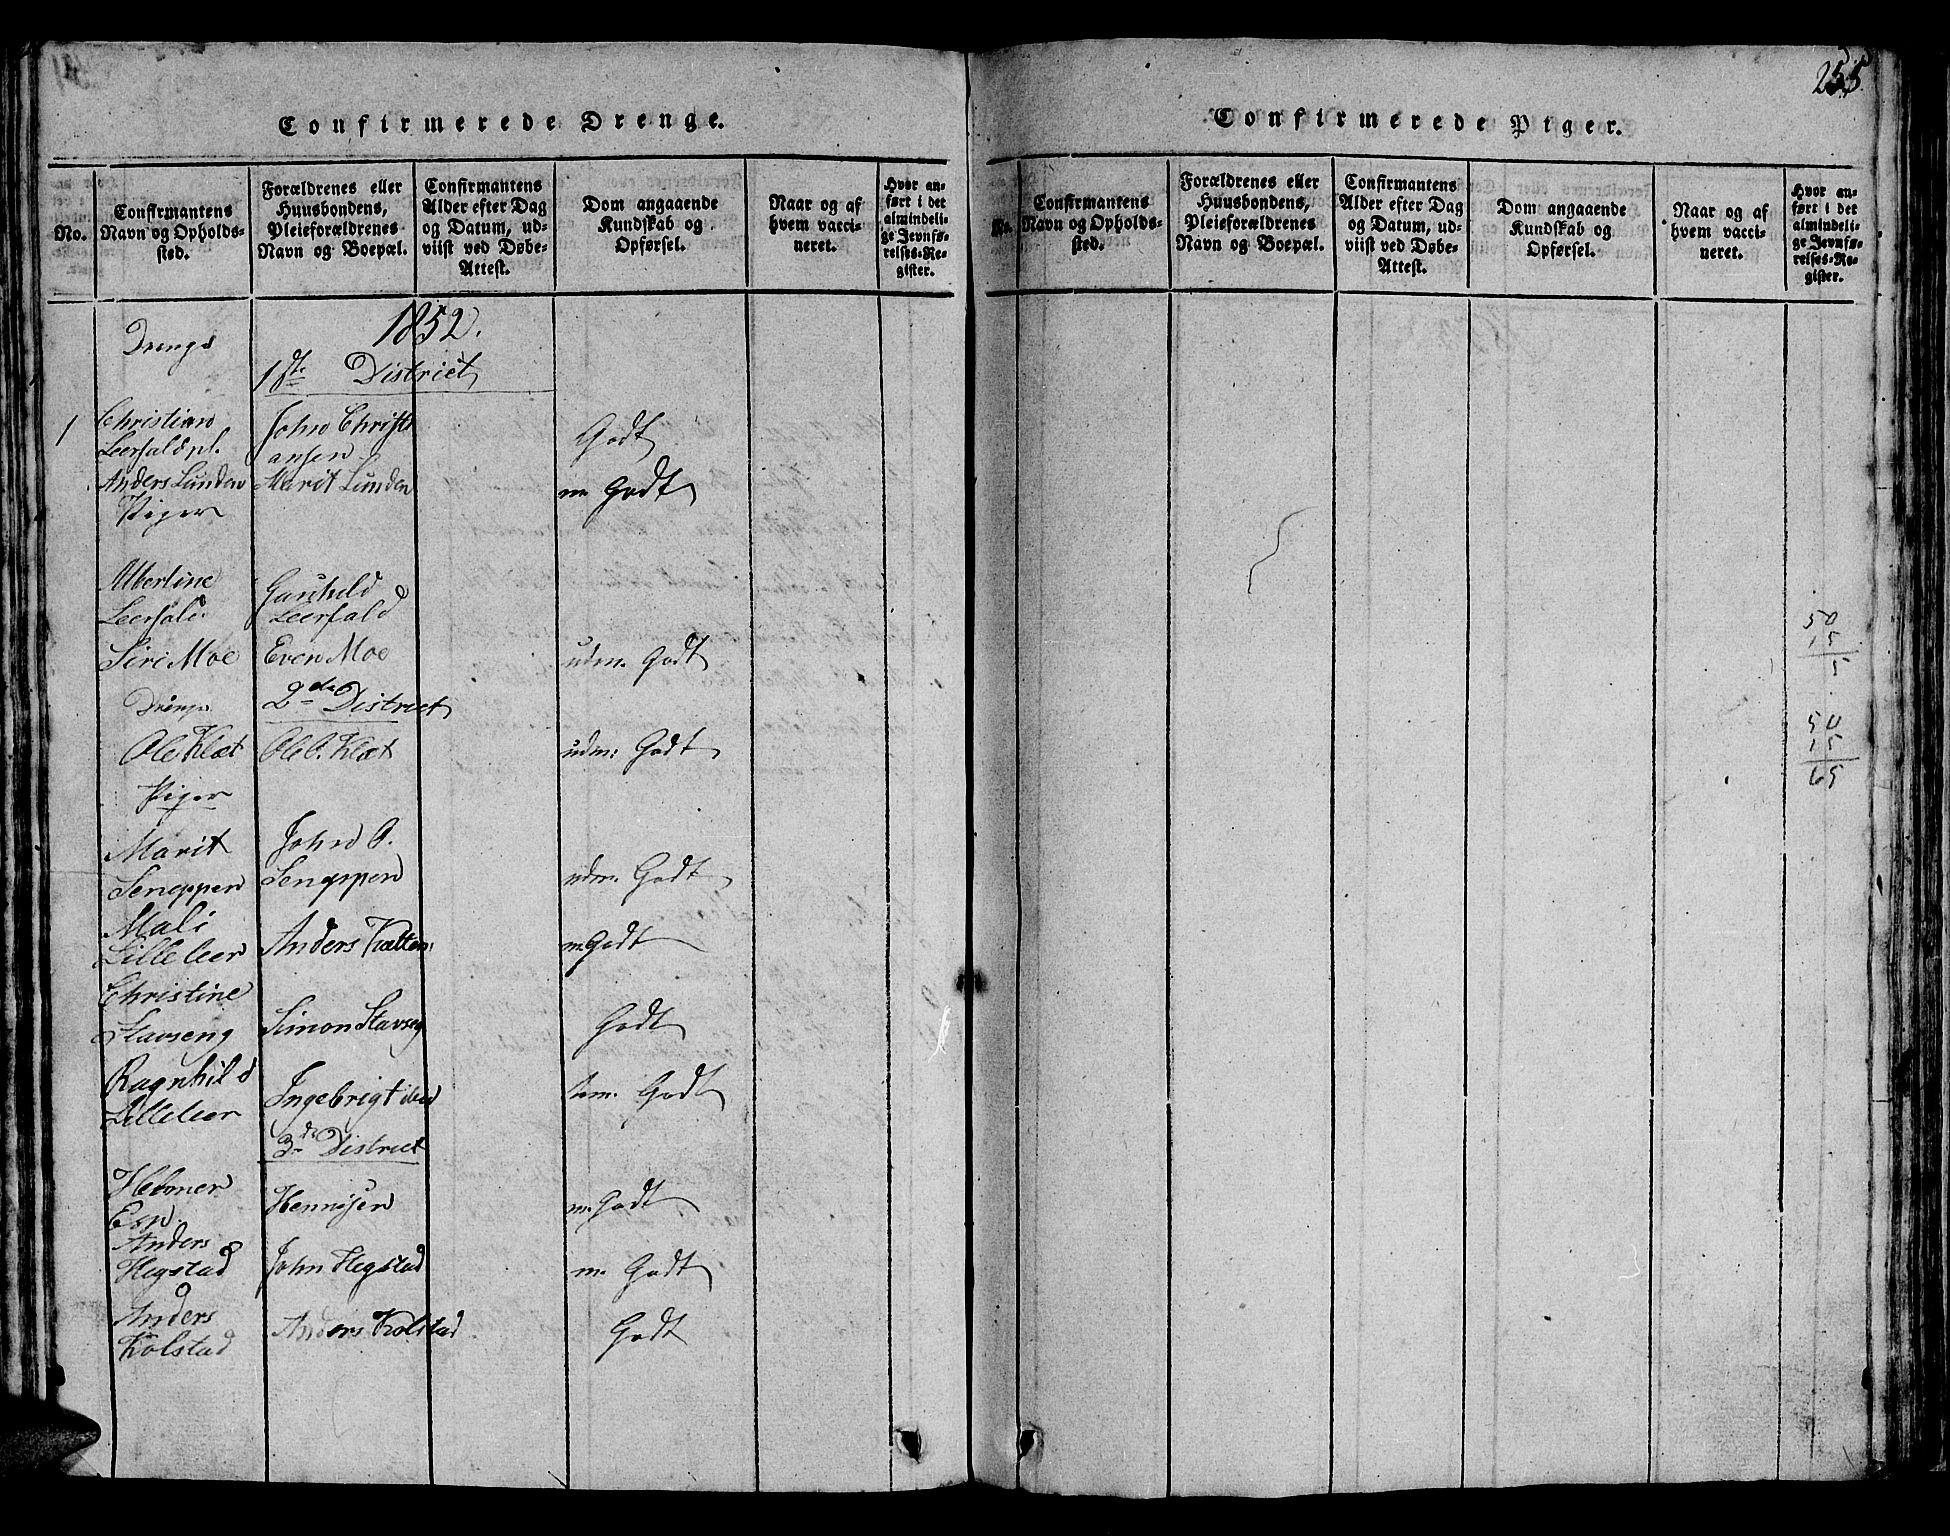 SAT, Ministerialprotokoller, klokkerbøker og fødselsregistre - Sør-Trøndelag, 613/L0393: Klokkerbok nr. 613C01, 1816-1886, s. 255